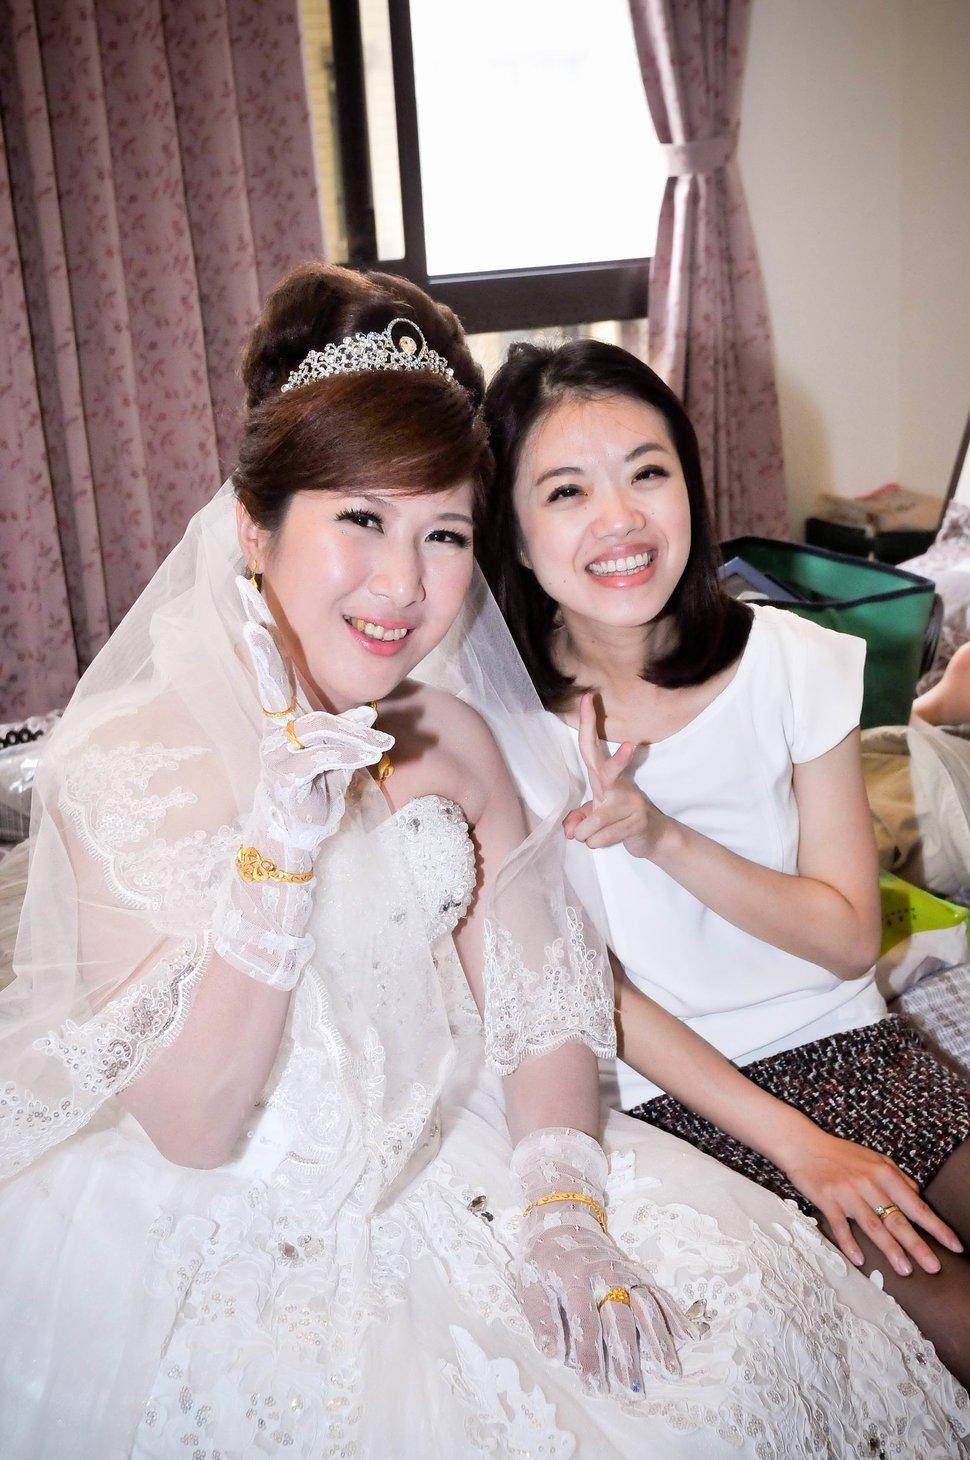 專業婚攝婚禮紀錄婚禮紀錄專業錄影婚禮錄影婚禮記錄動態微電影錄影專業錄影平面攝影婚攝婚禮主持人(編號:280385) - 蜜月拍照10800錄影12800攝影團隊 - 結婚吧